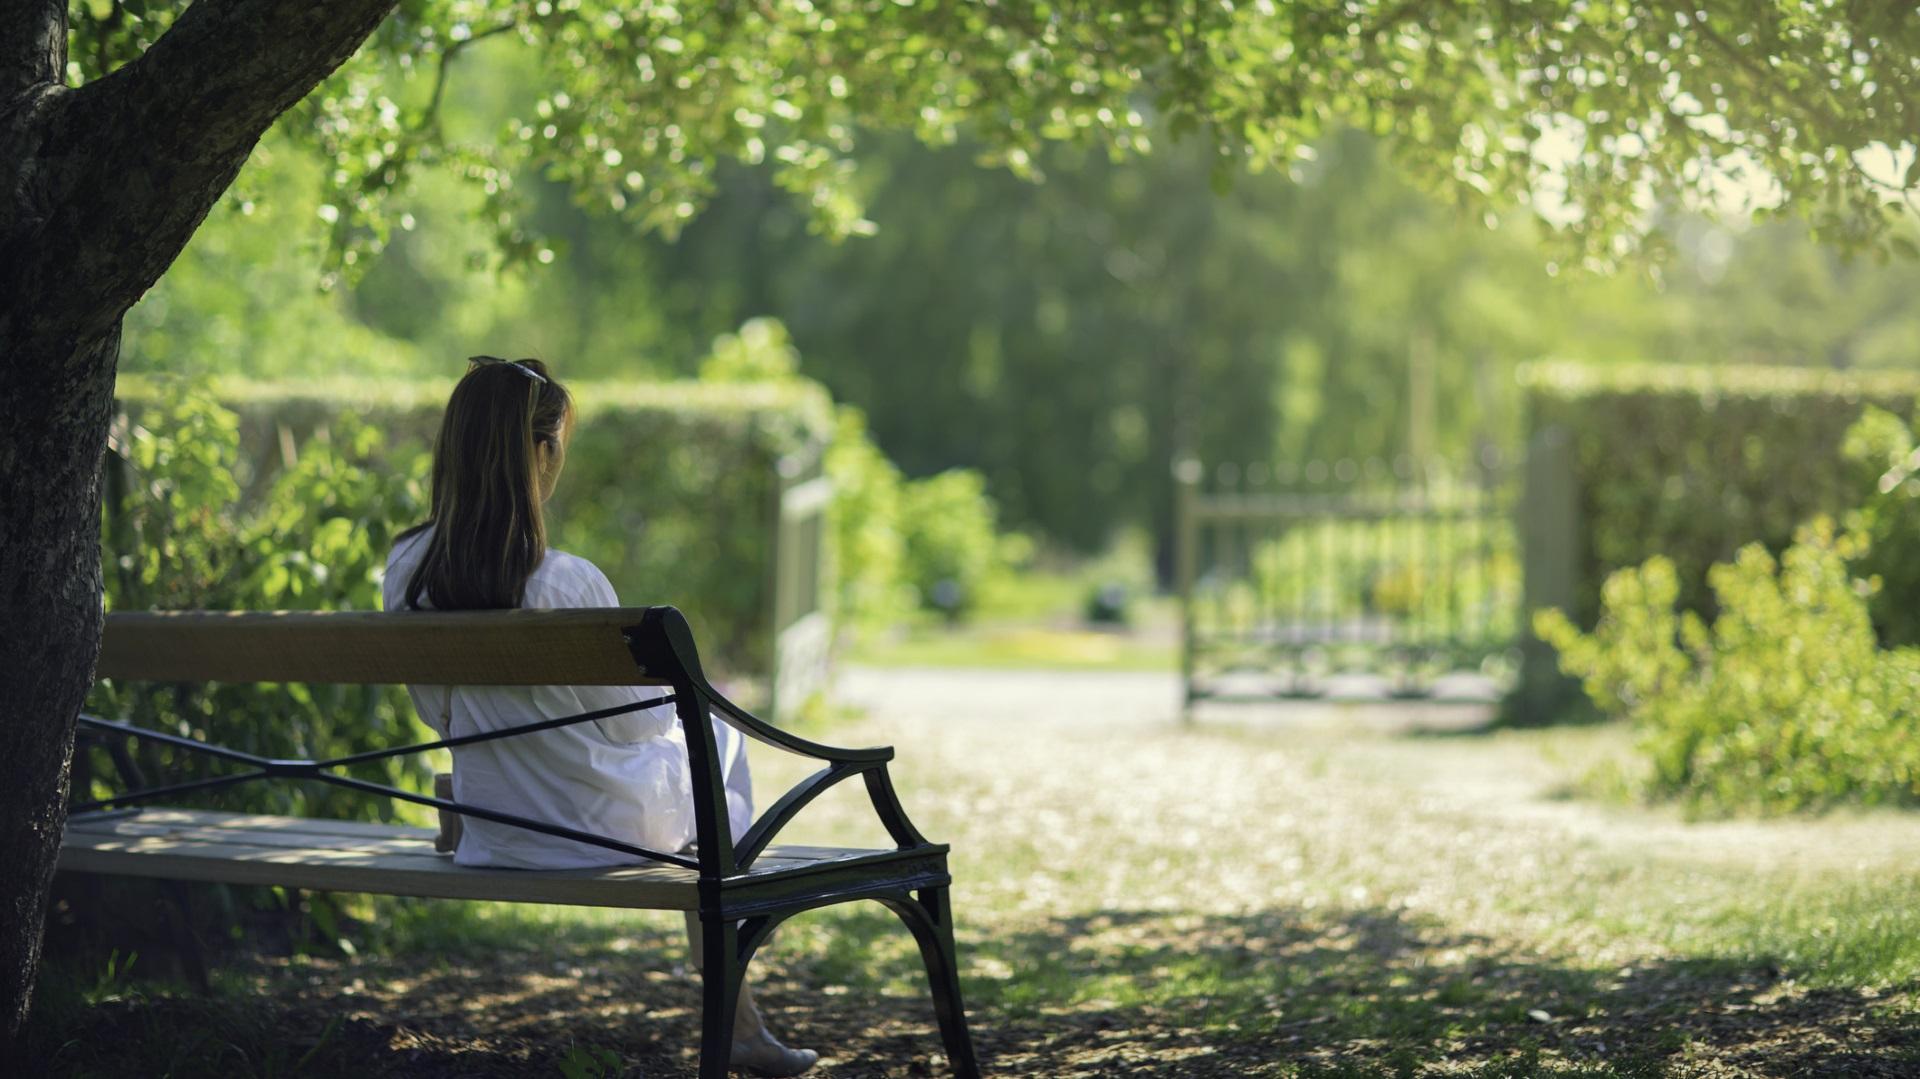 <p><strong>Излезте навън</strong></p>  <p>Излизайки навън, веднага сменяте обстановката, което може да предизвика промяна и в настроението. Откритите пространства предразполагат да се концентрирате върху сетивата си &ndash; осъзнайте какво можете да видите, помиришете, вкусите, чуете и почувствате в момента.</p>